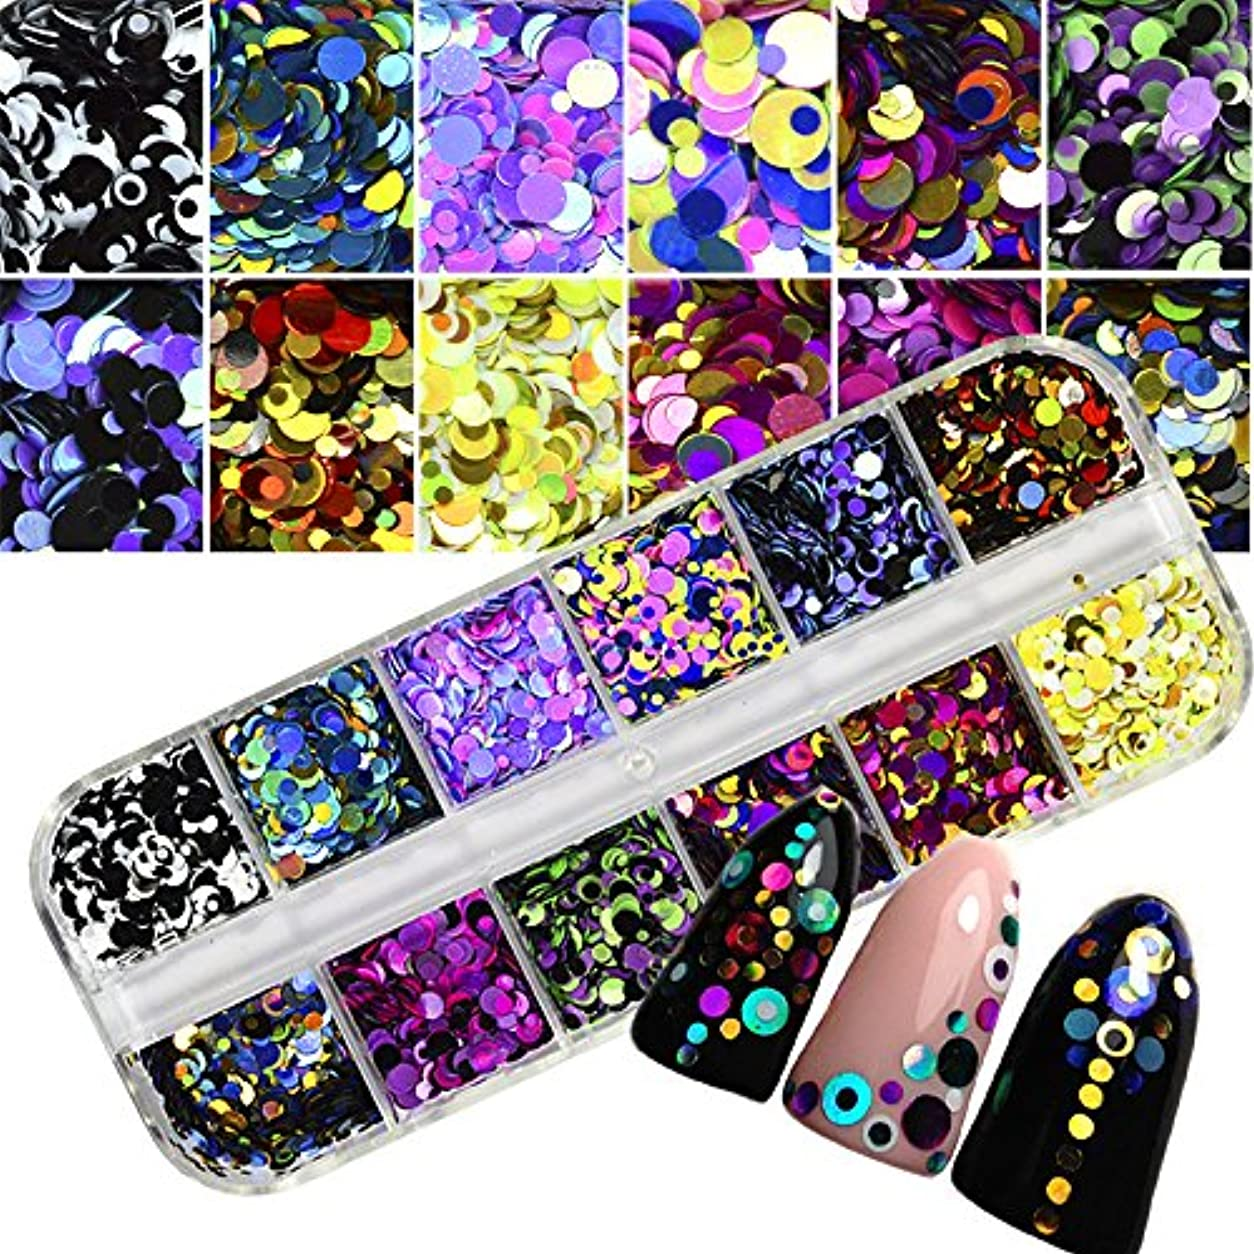 昨日ジョセフバンクス氷1 Set Dazzling Round Nail Glitter Sequins Dust Mixed 12 Grids 1/2/3mm DIY Charm Polish Flakes Decorations Manicure...